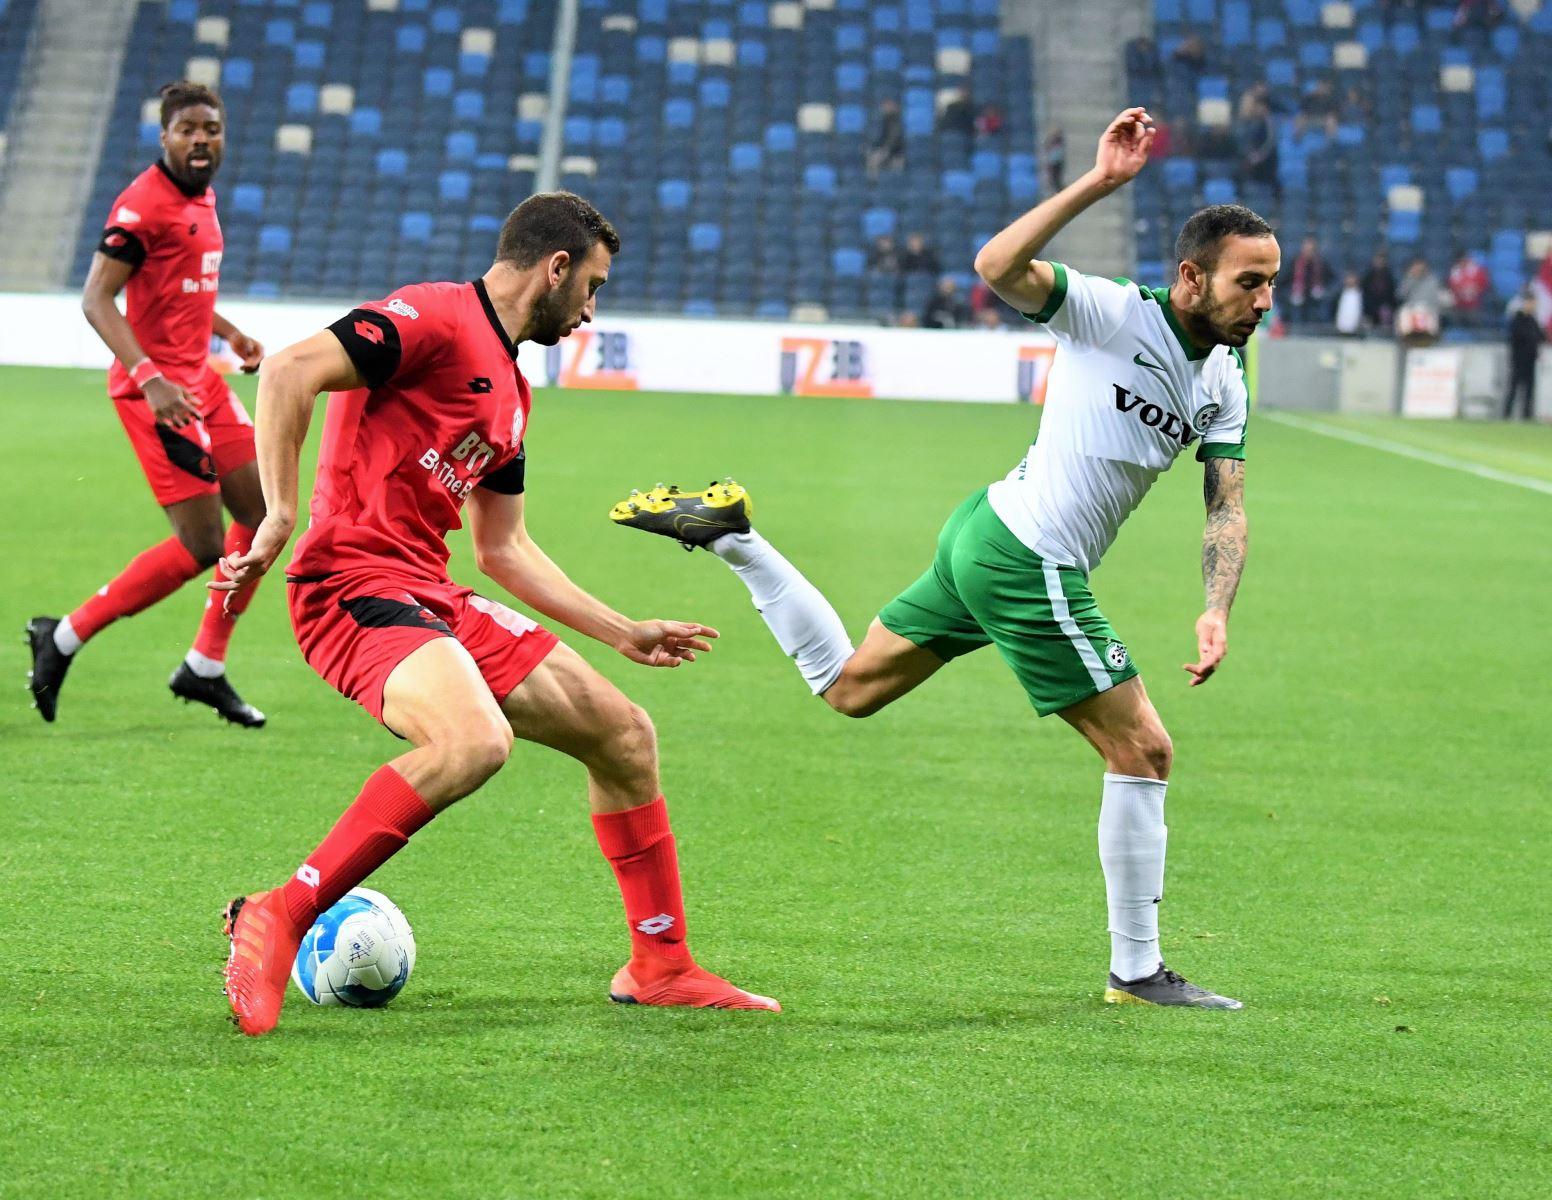 Maccabi - Hadera 1:3